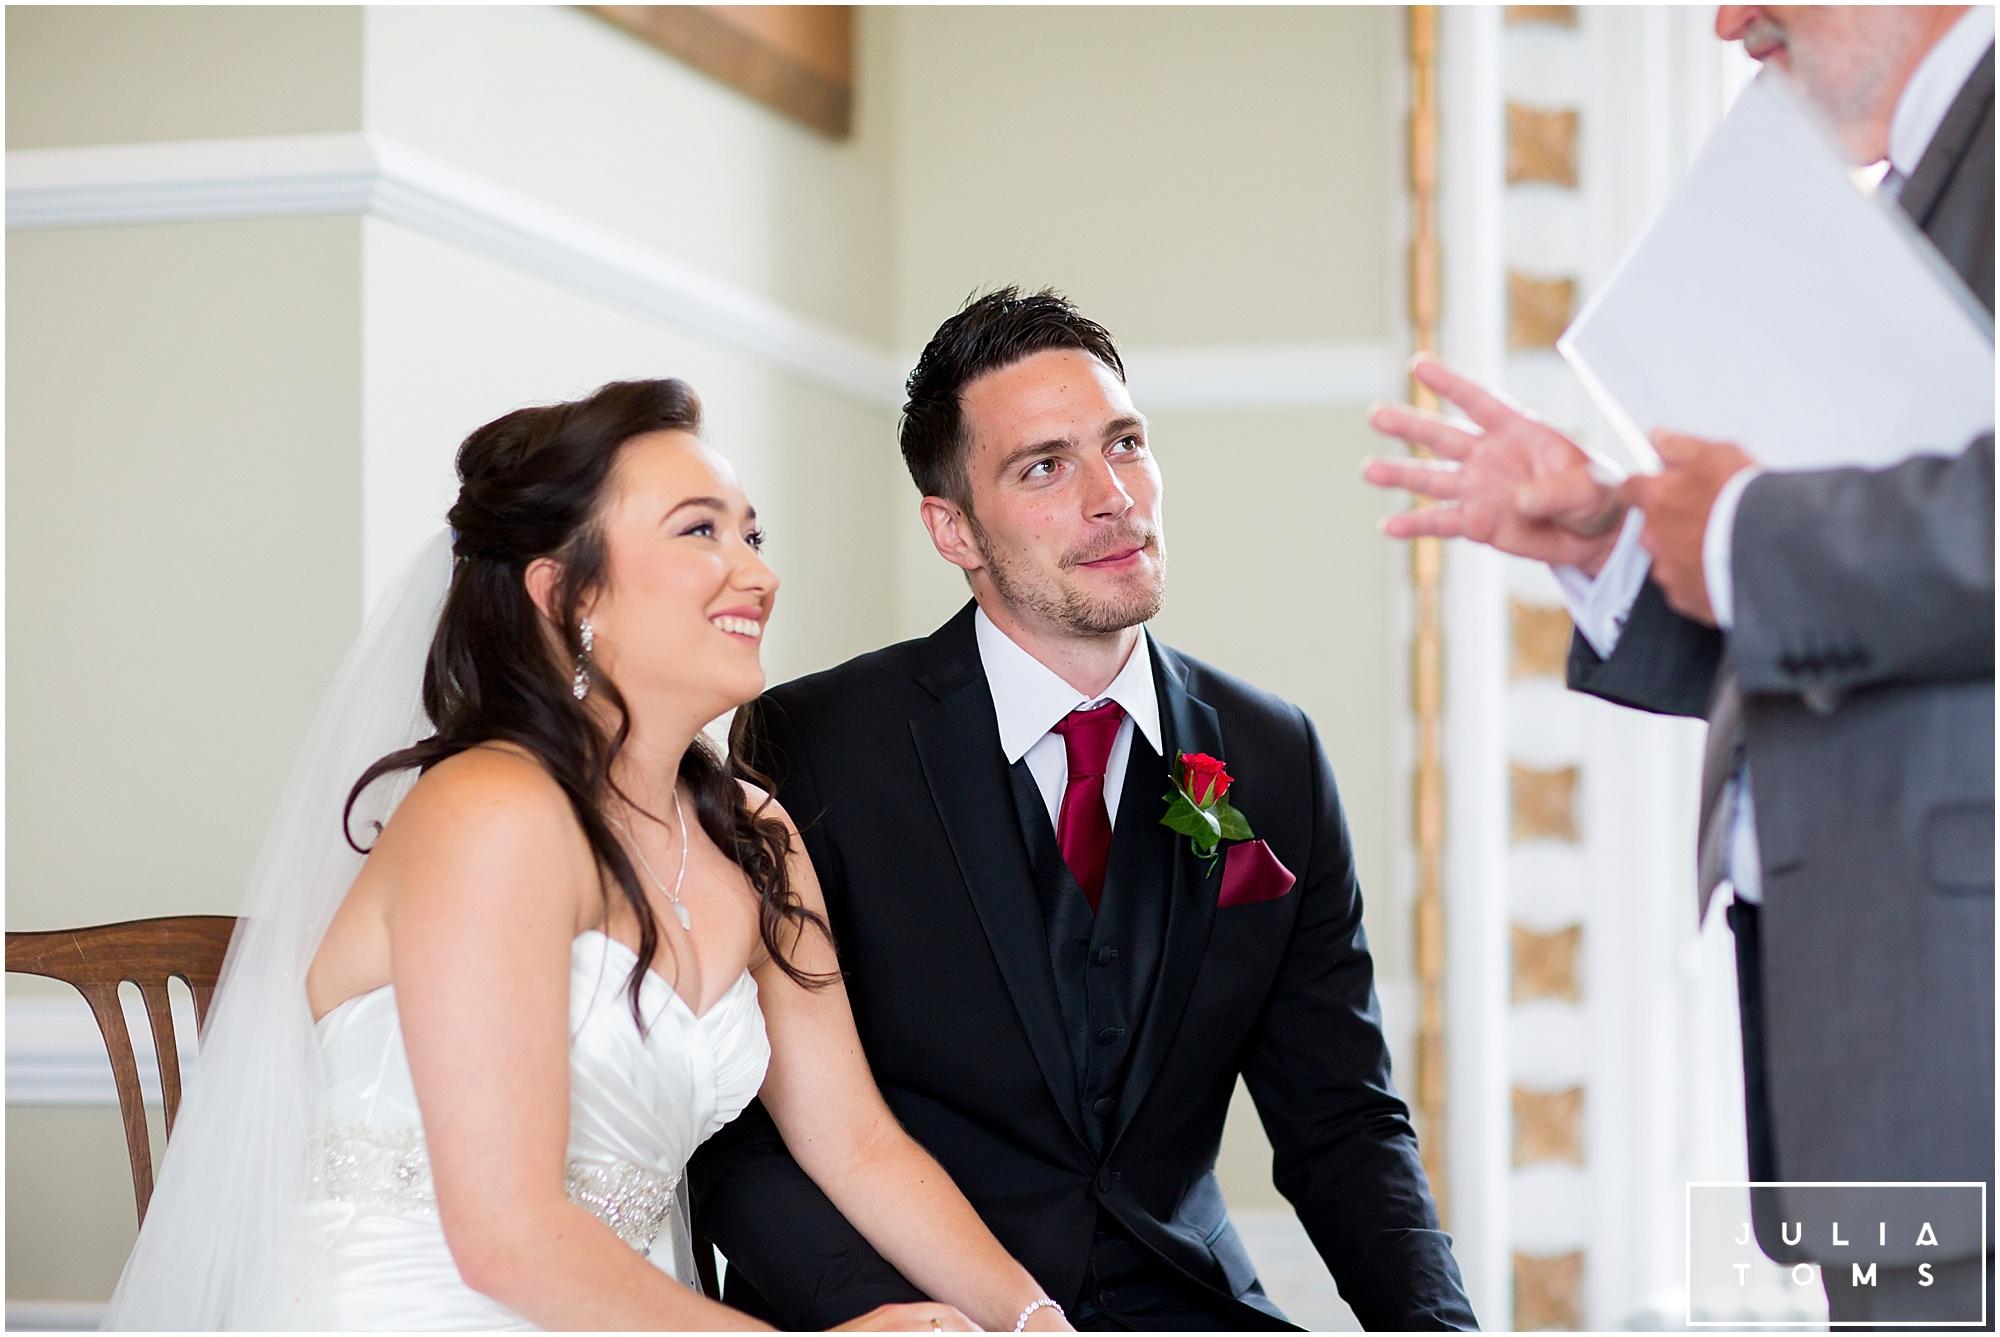 arundel_wedding_photographer_018.jpg